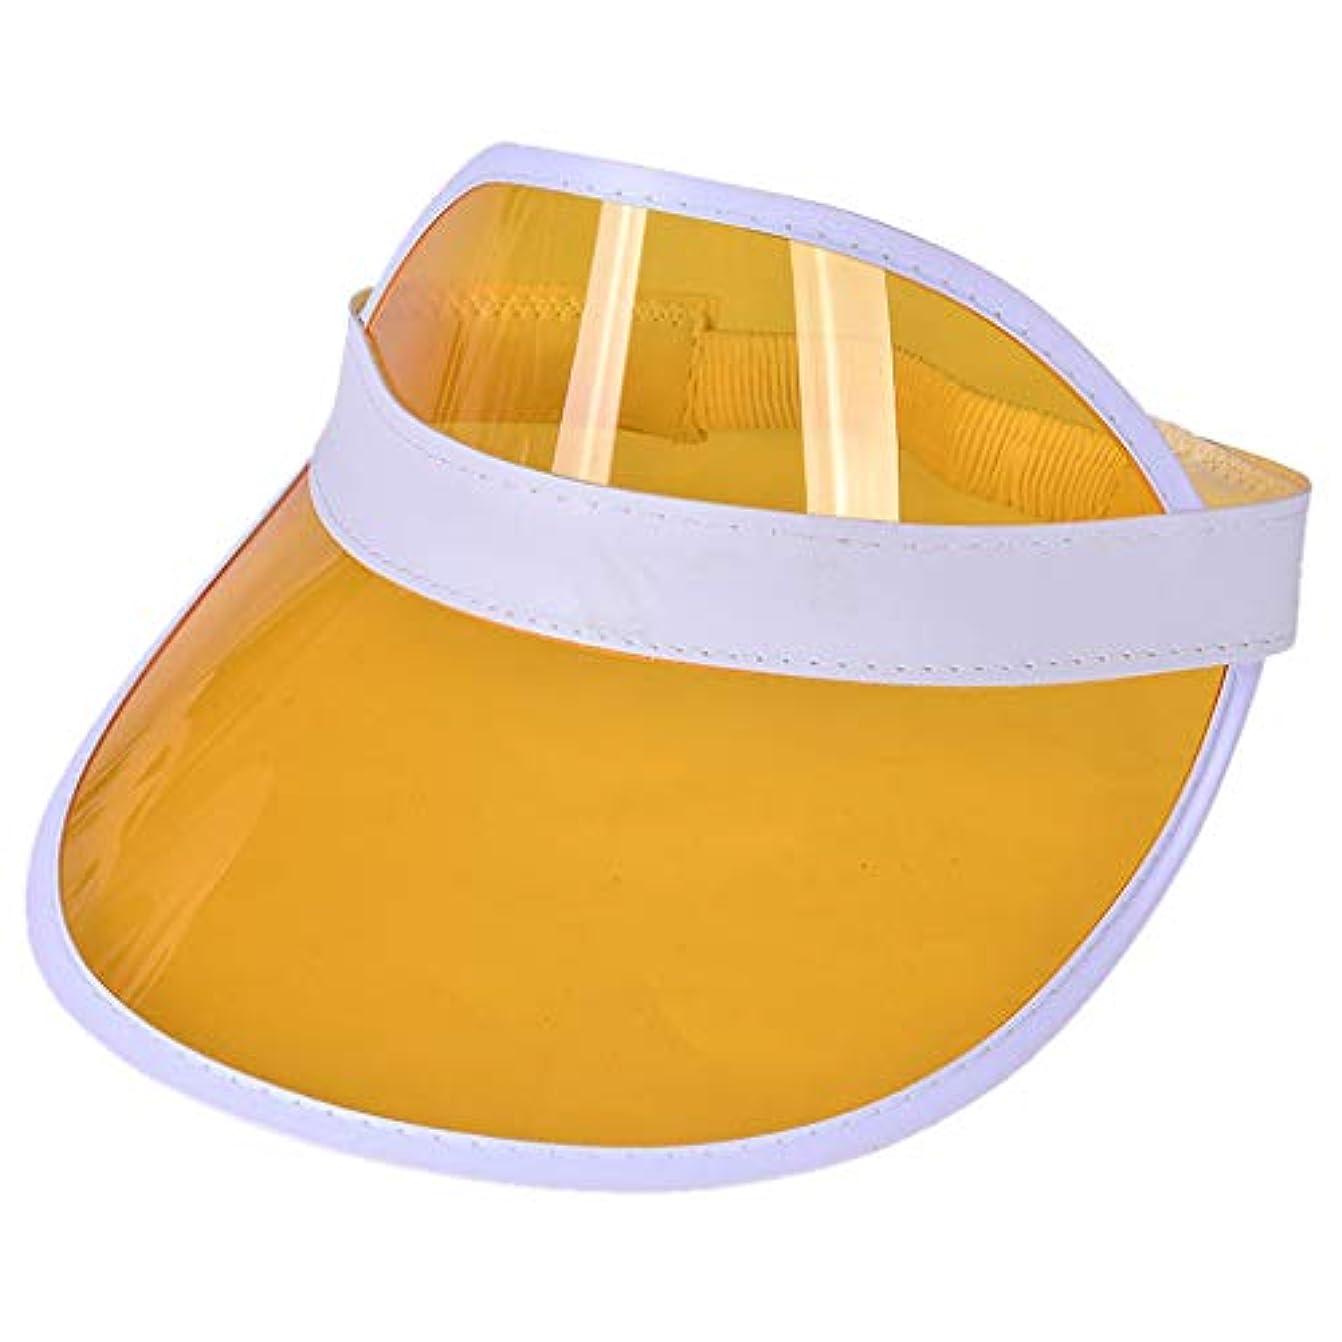 クッション馬鹿げた建設レディースクリアハット帽子レインバイザー UVカットユニセックスアウトドア野球帽帽子